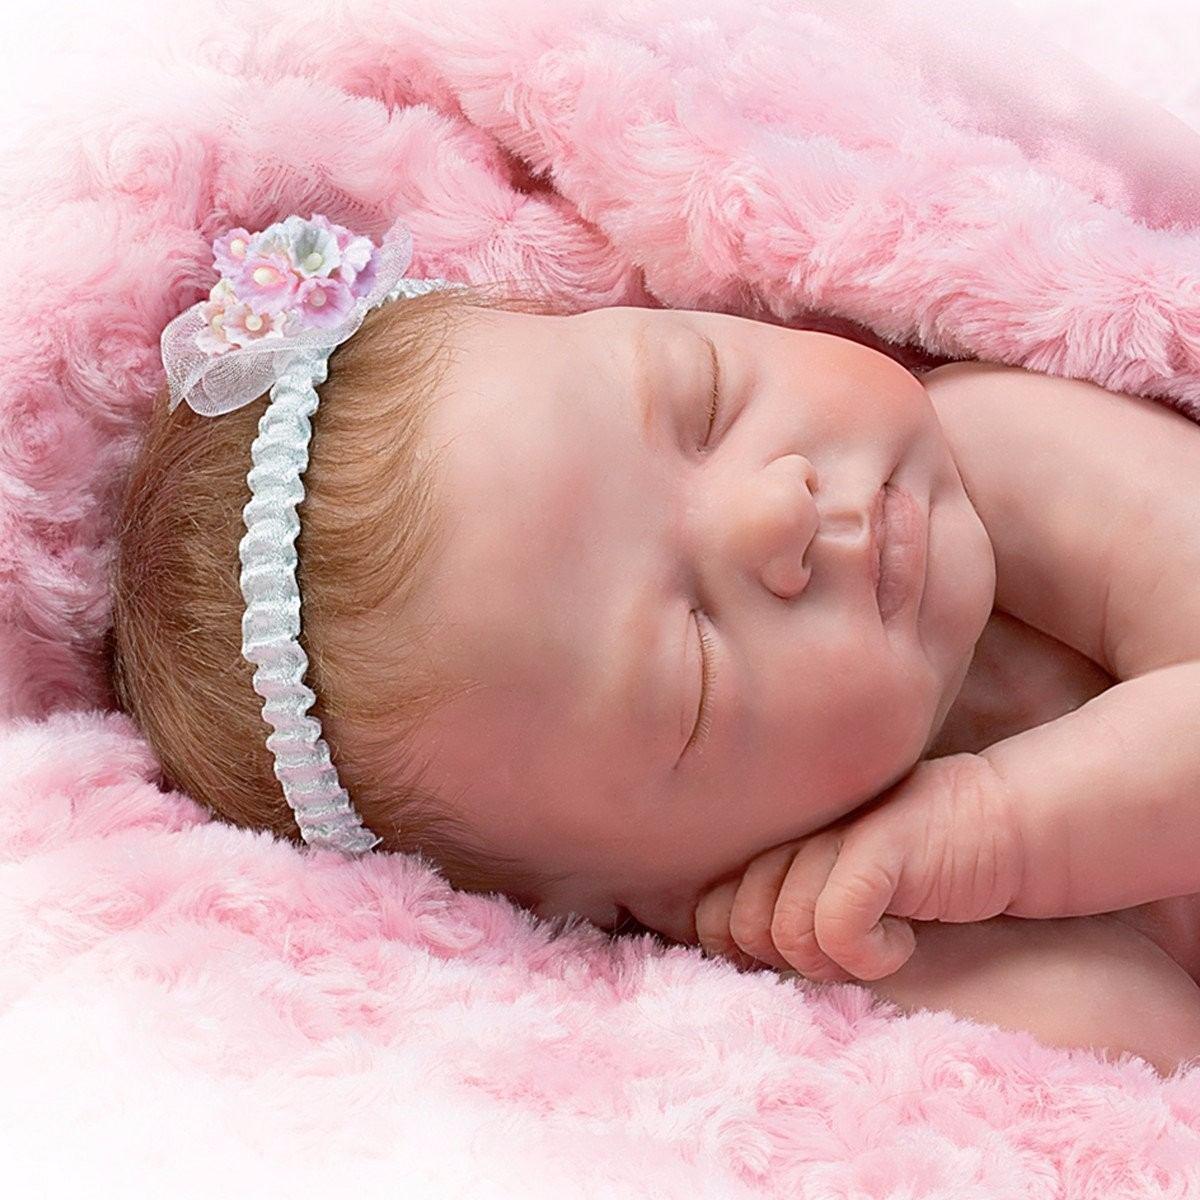 Boneca beb reborn real silicone promo o pronta entrega r 999 99 em mercado livre - Fundas para cochecitos de bebe ...